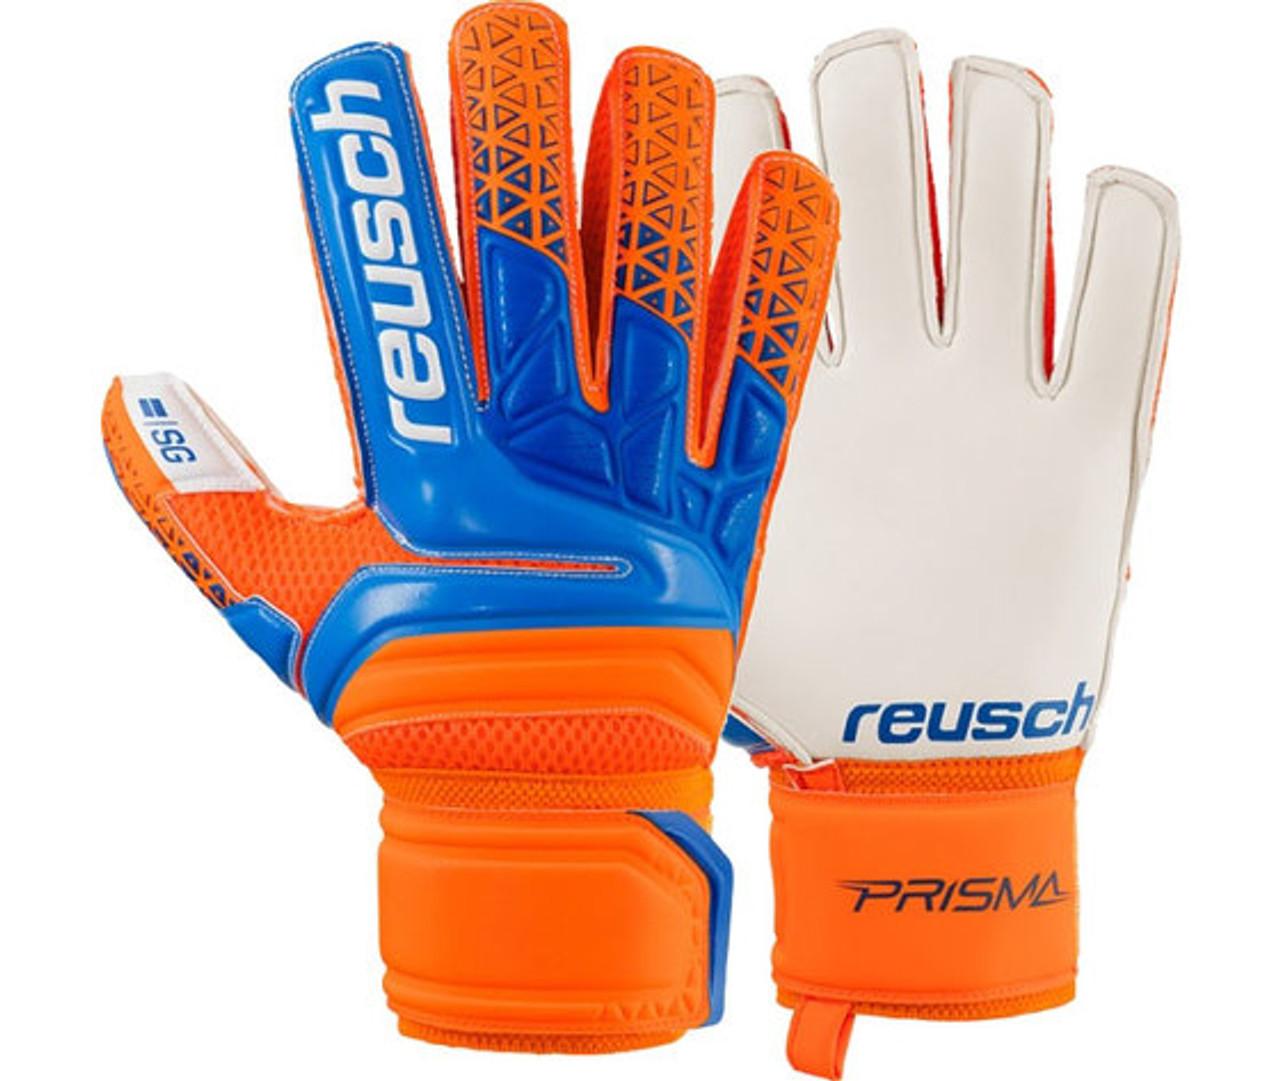 60c5f1cdf62 Reusch Prisma SG GK Glove Orange - Soccer Plus